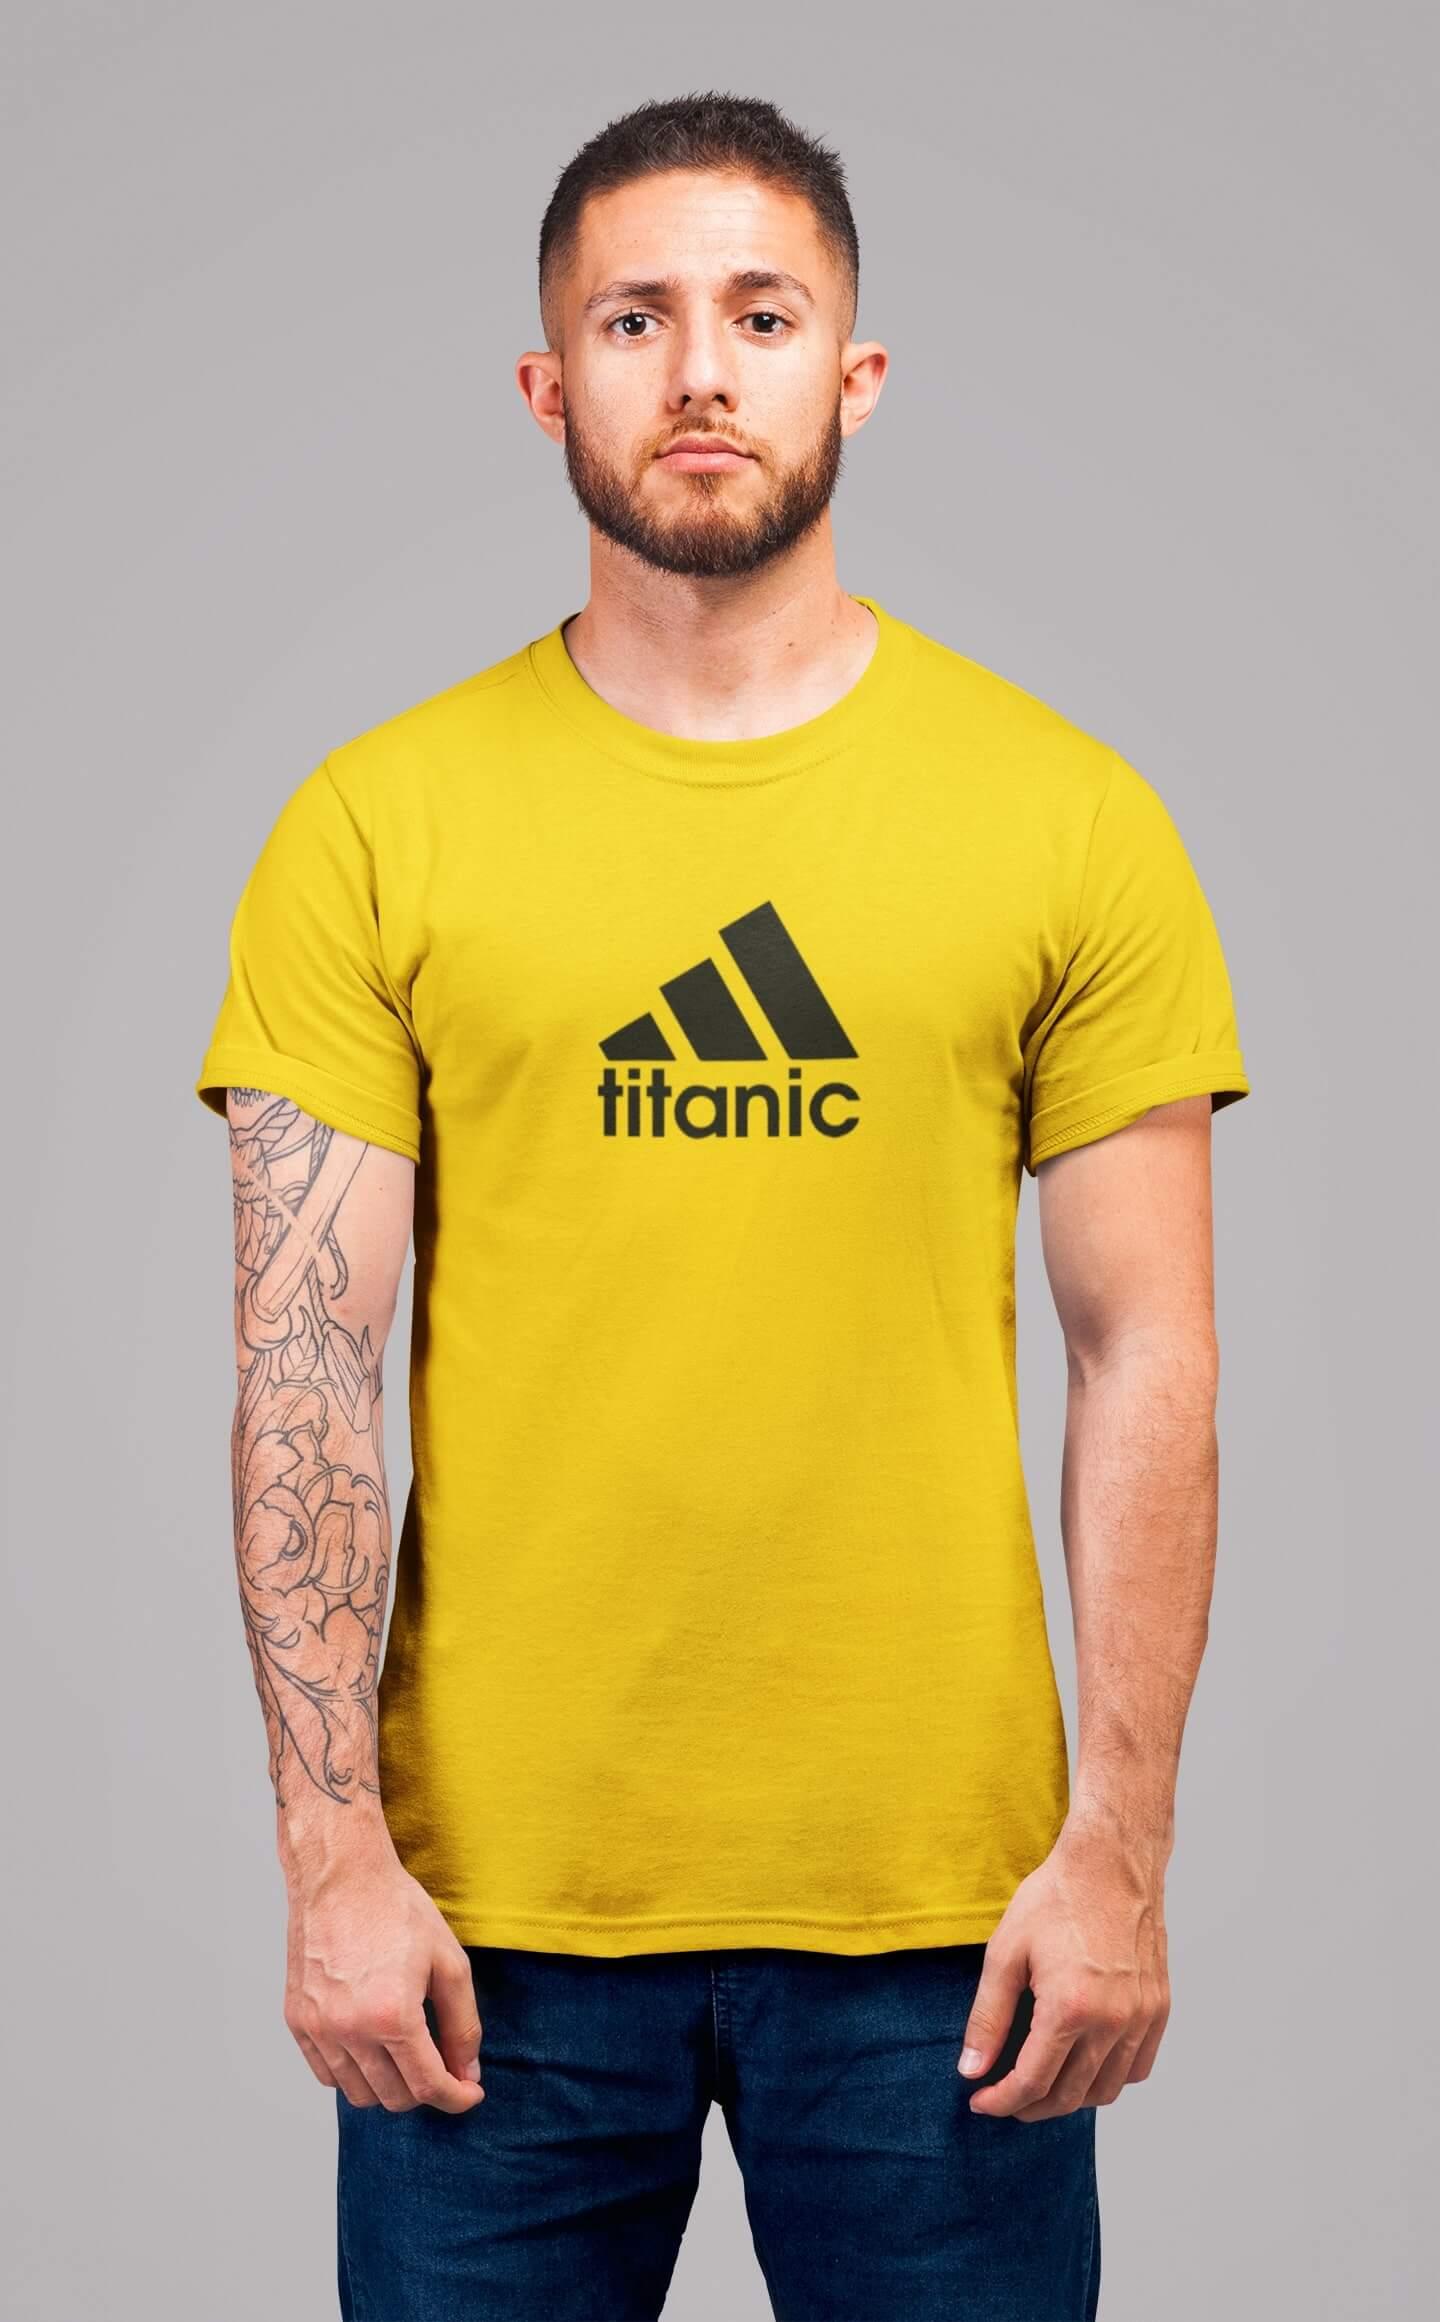 MMO Pánske tričko Titanic Vyberte farbu: Žltá, Vyberte veľkosť: 2XL